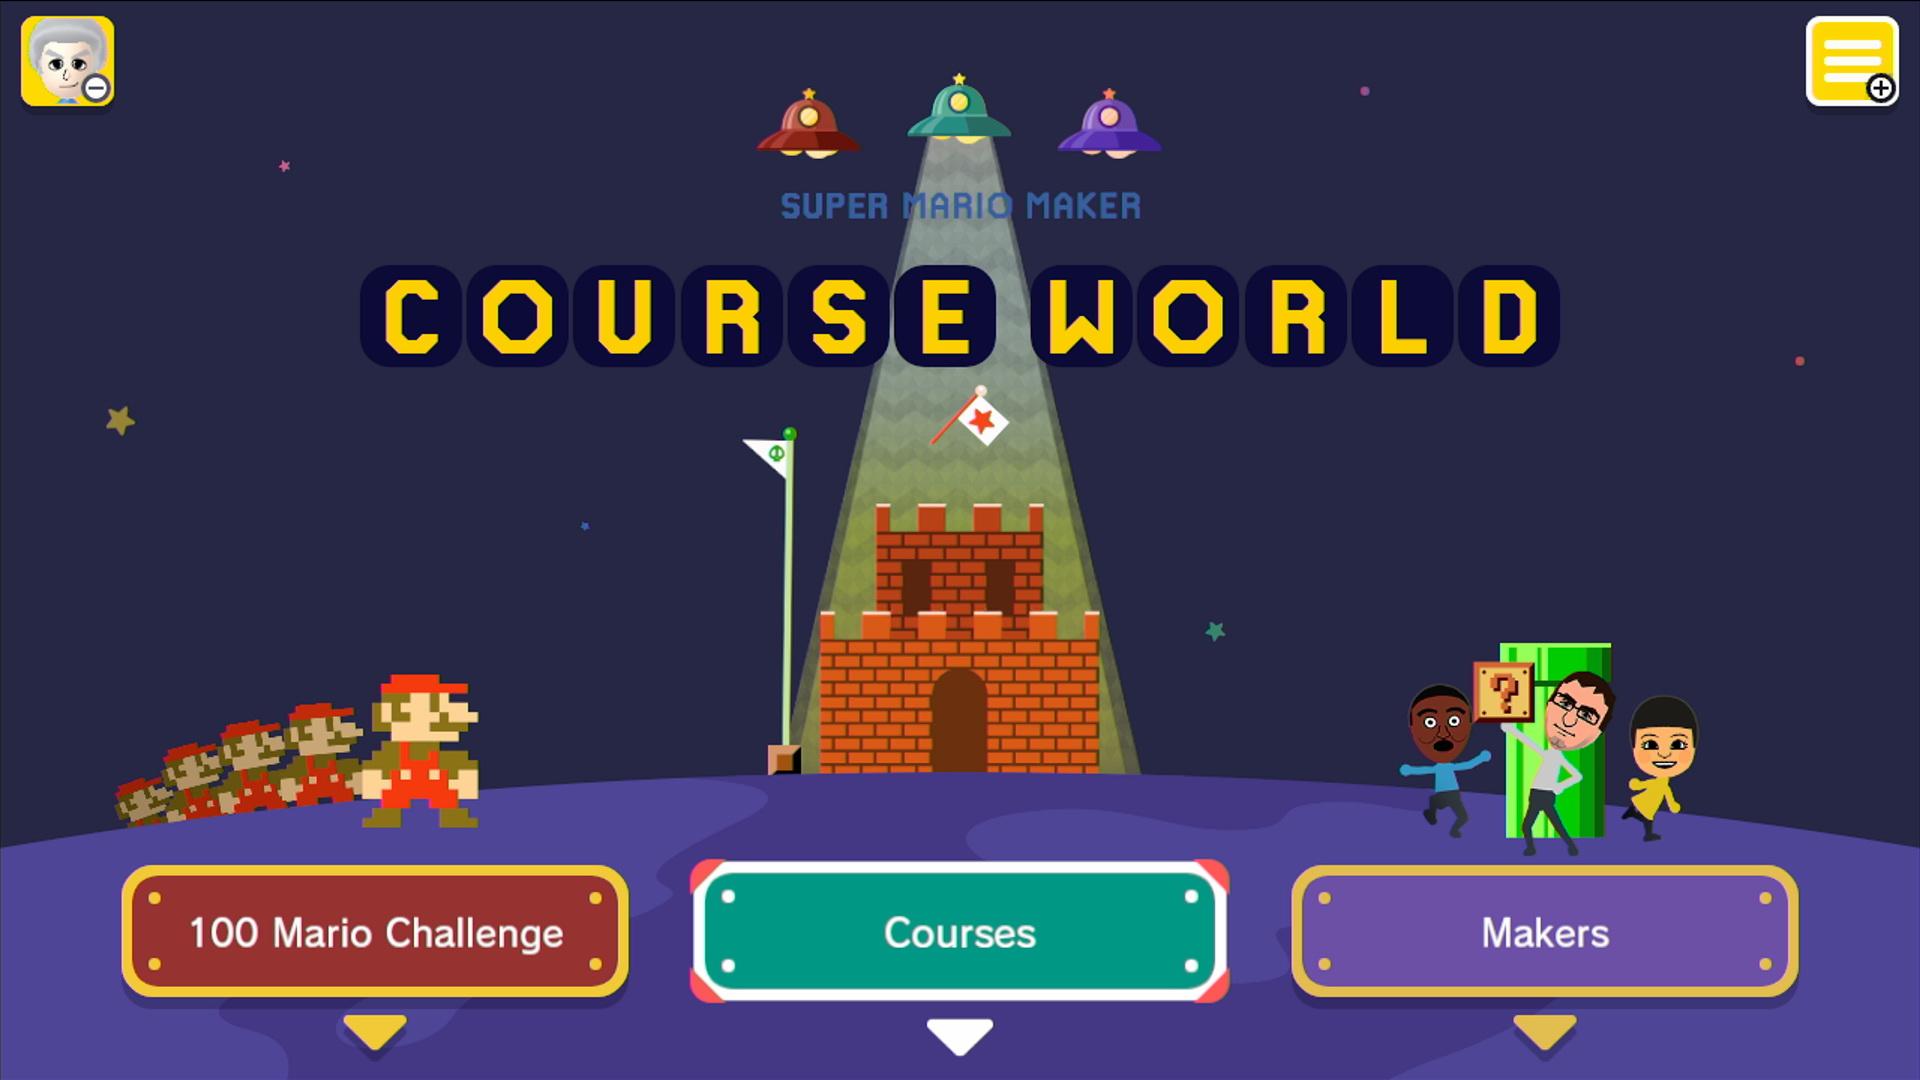 Super Mario Maker - Course World